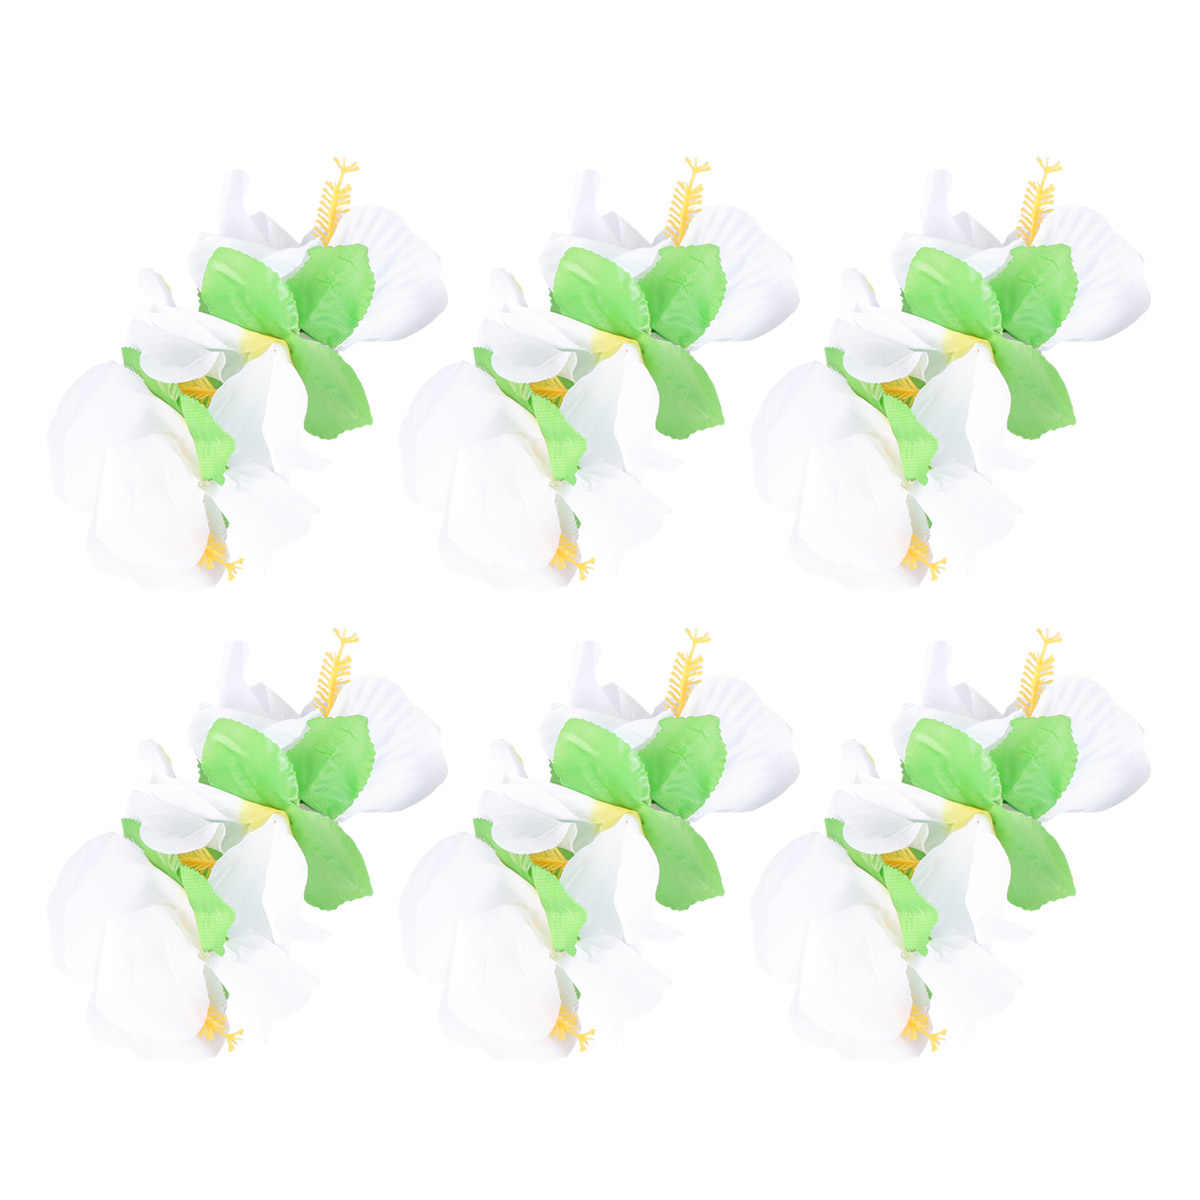 6 шт. Гавайские цветы заколки для волос Свадебная заколка тропический пляж свадебный цветок гибискуса женские вечерние Заколки шпилька аксессуары